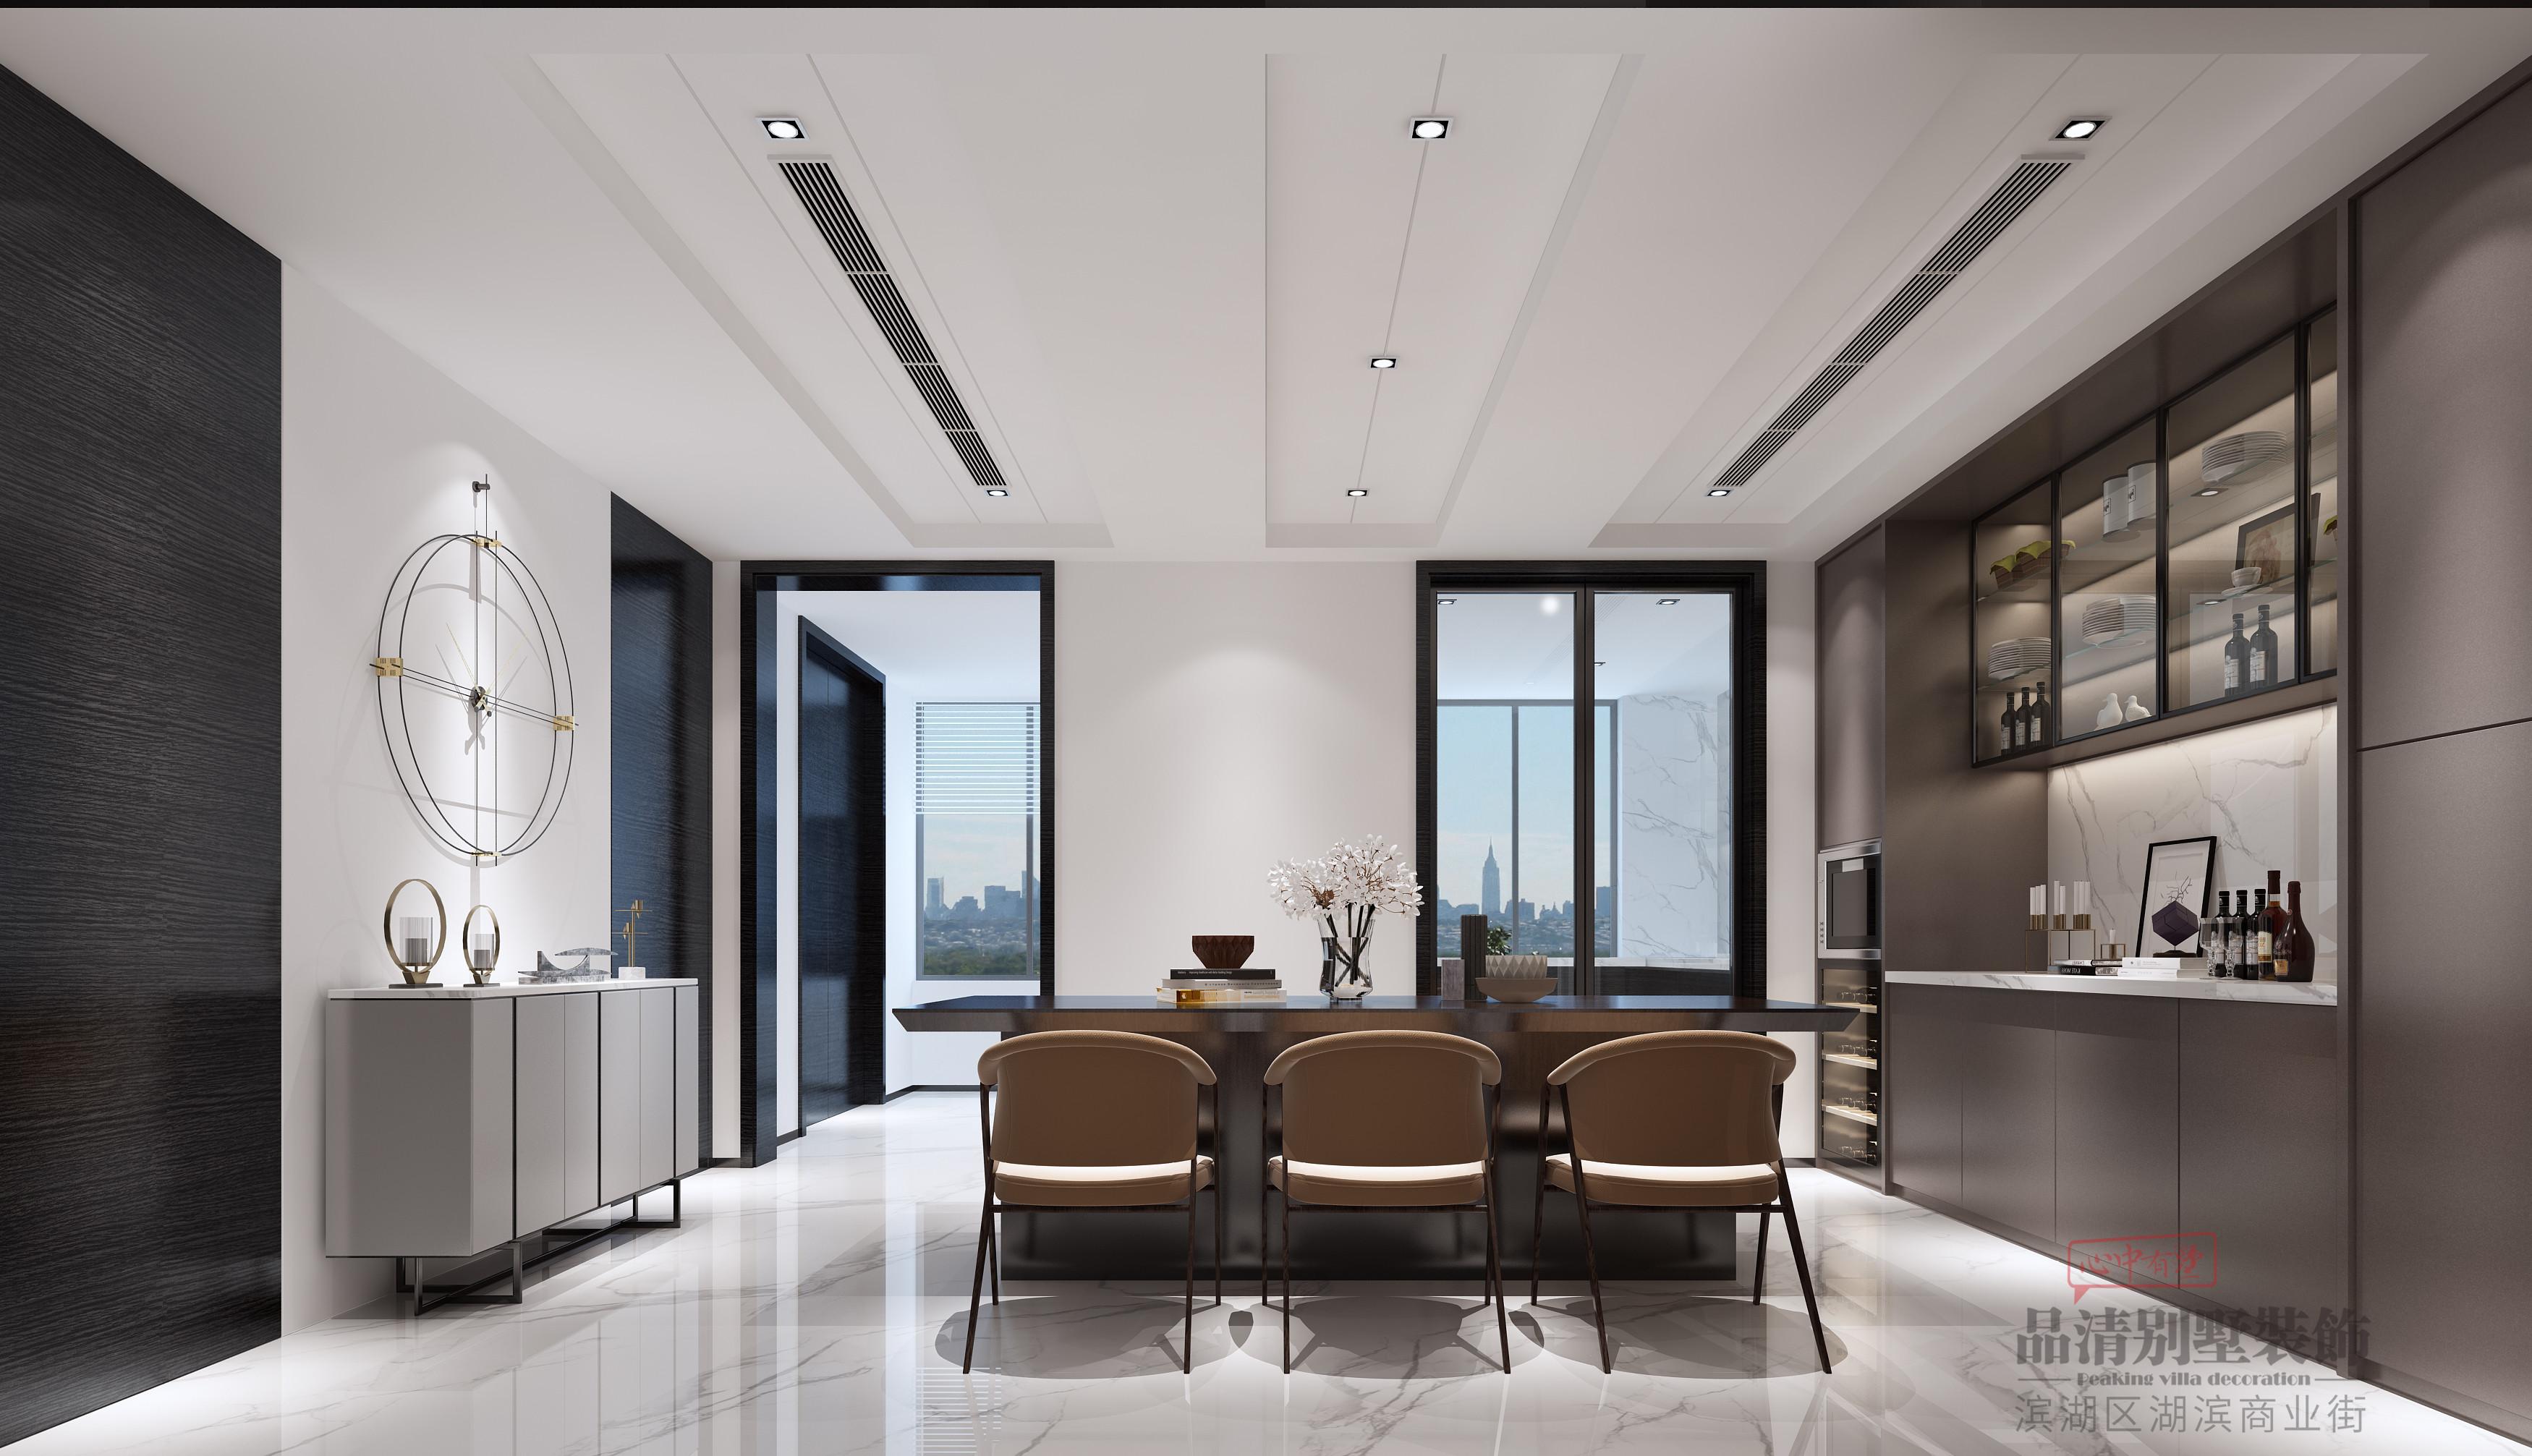 简约 别墅 客厅 厨房 卧室图片来自别墅装修设计师在阿卡迪亚480㎡现代简约的分享